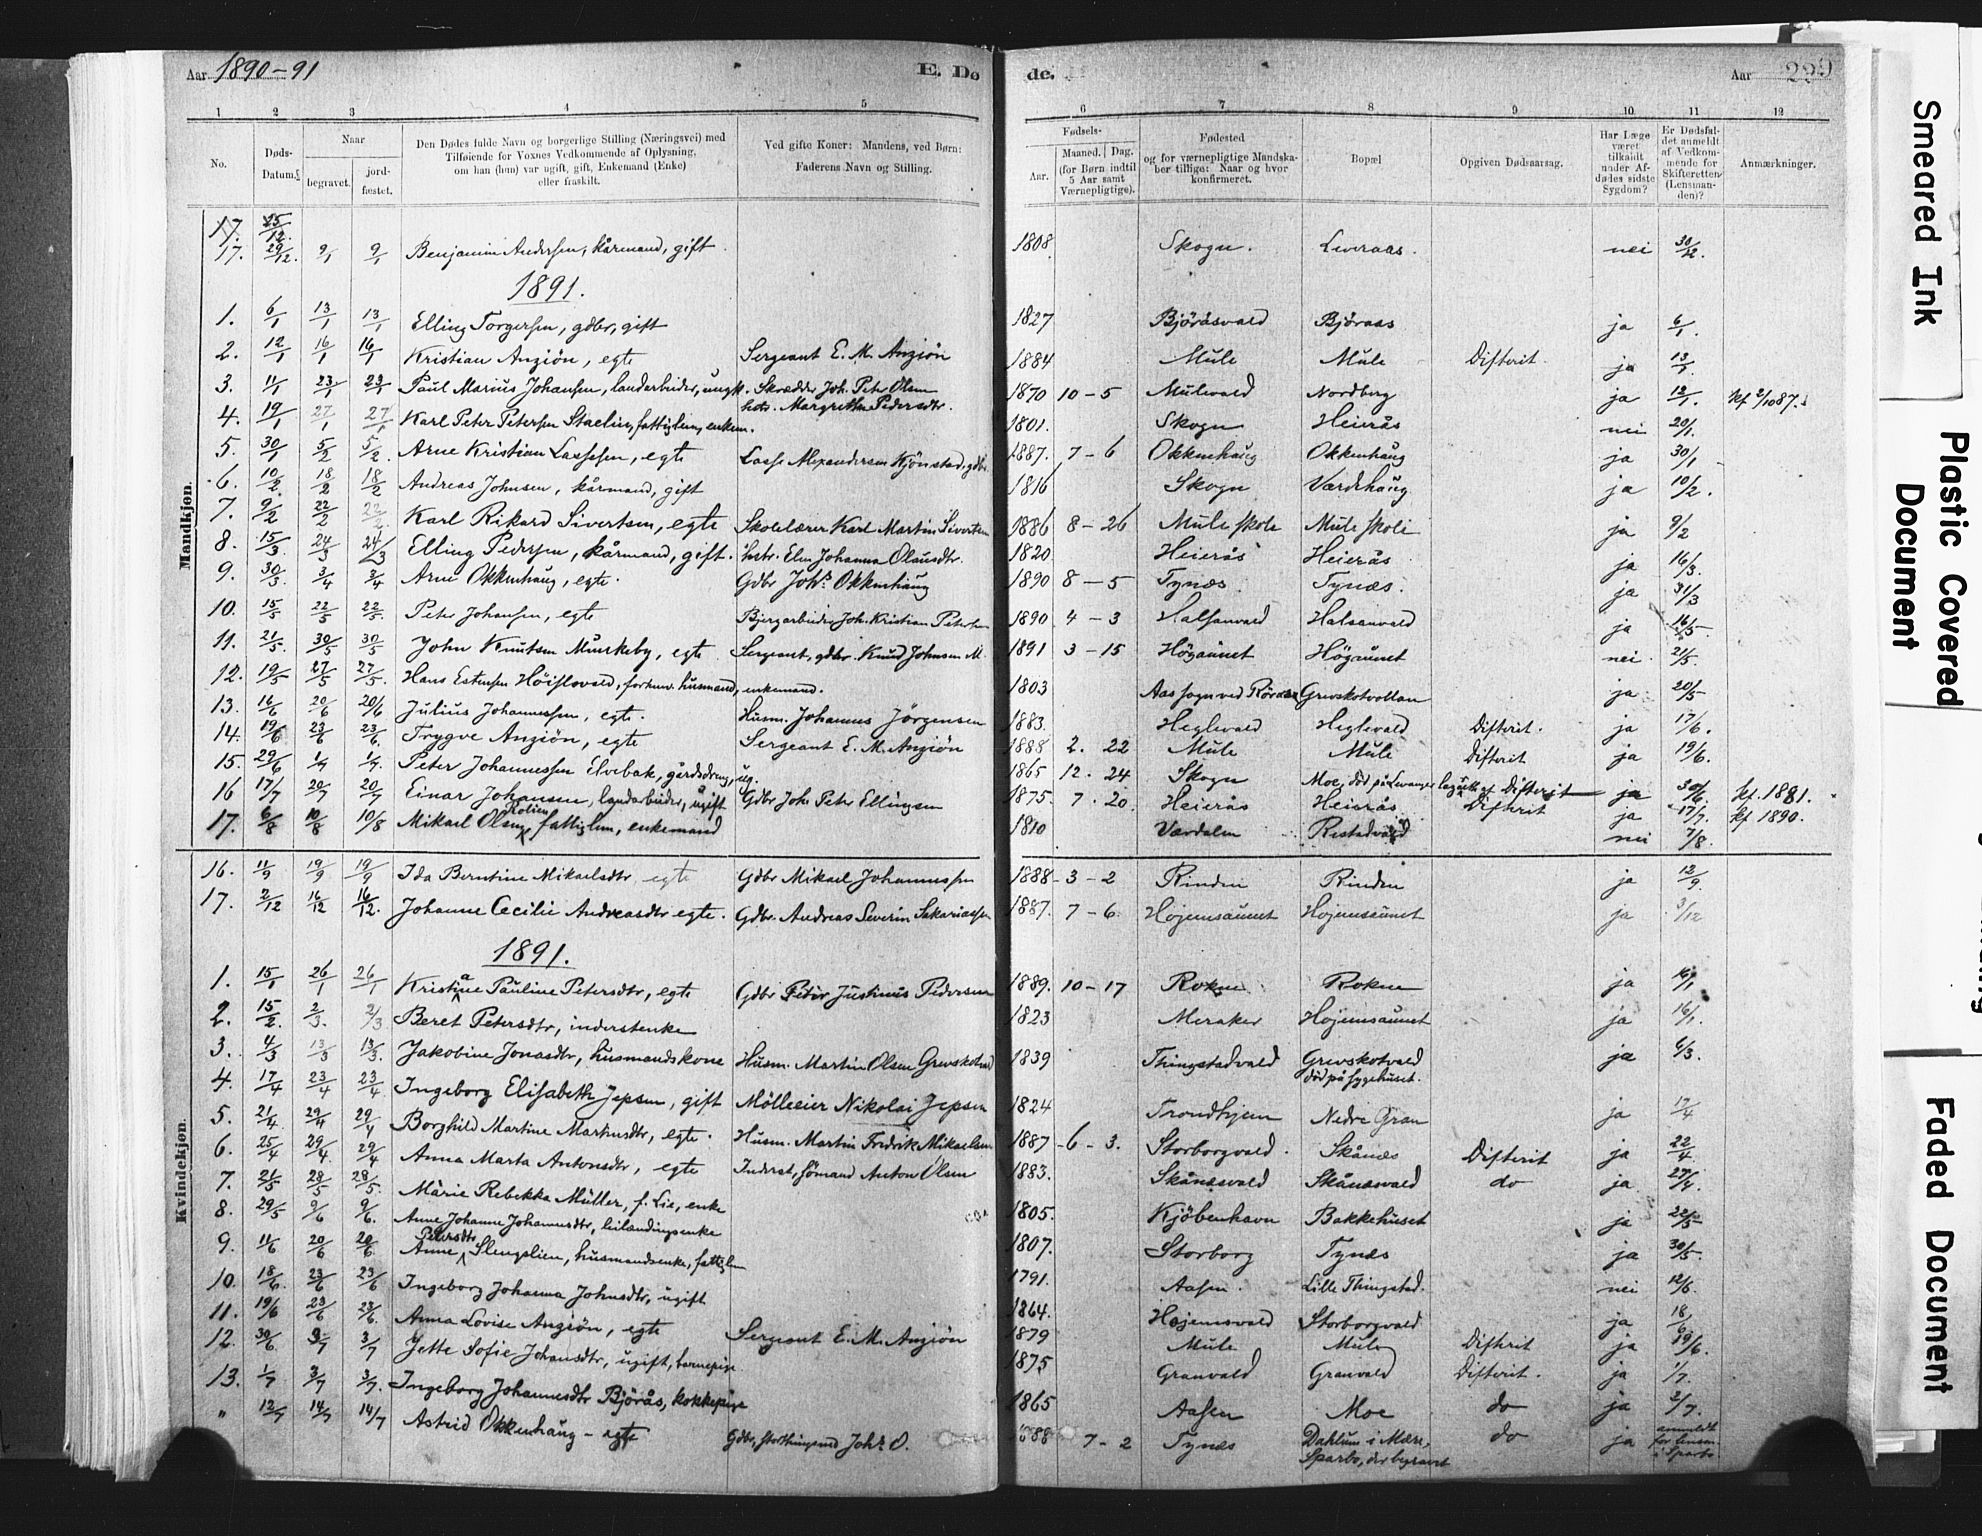 SAT, Ministerialprotokoller, klokkerbøker og fødselsregistre - Nord-Trøndelag, 721/L0207: Ministerialbok nr. 721A02, 1880-1911, s. 229